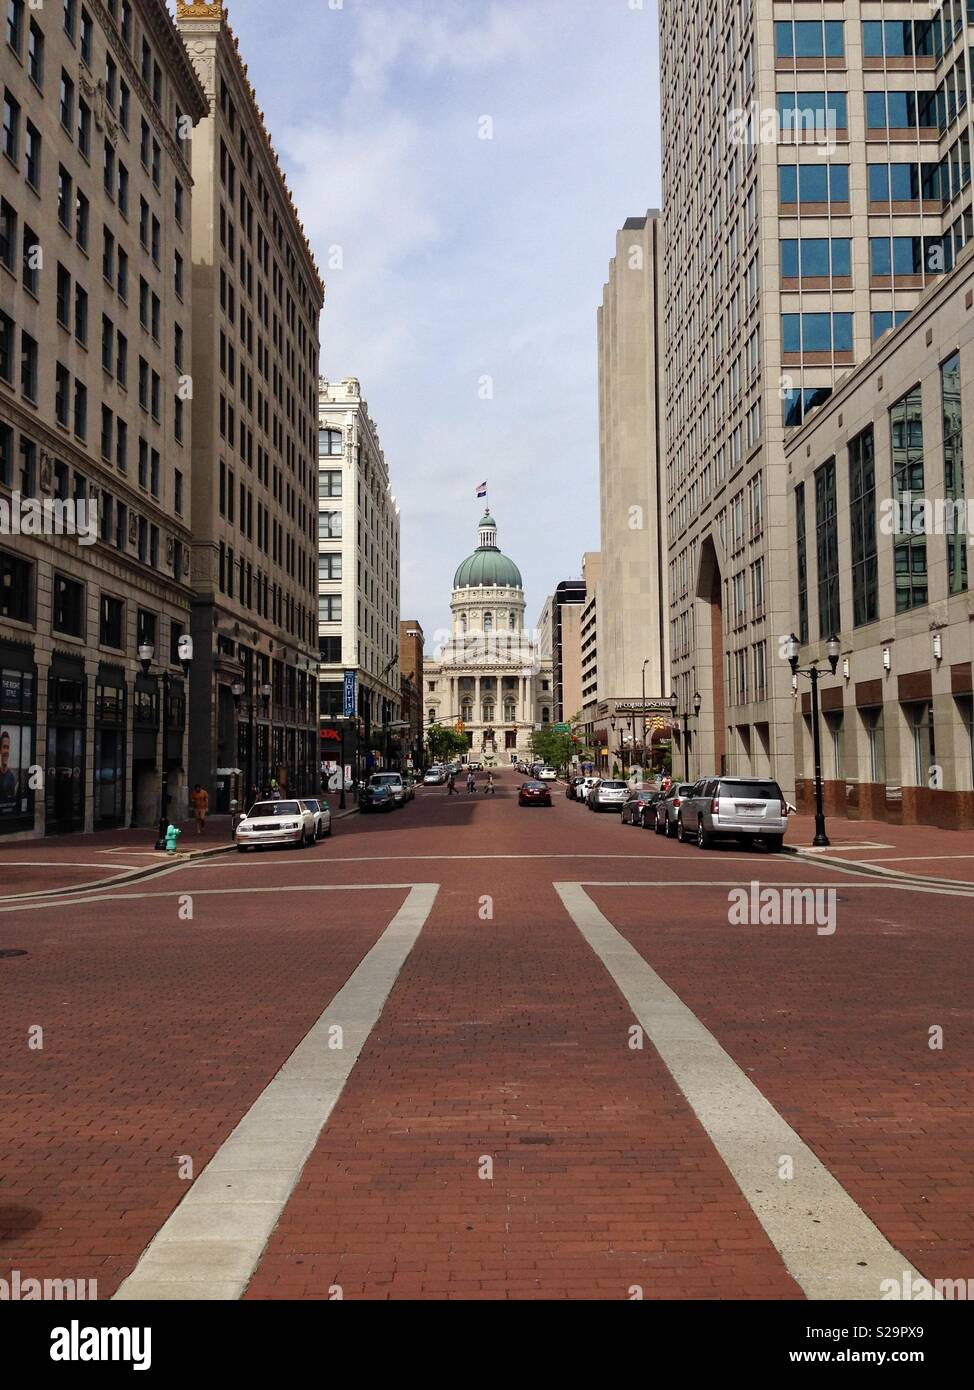 El edificio del Capitolio del Estado de Indiana, en Indianápolis, Indiana Imagen De Stock